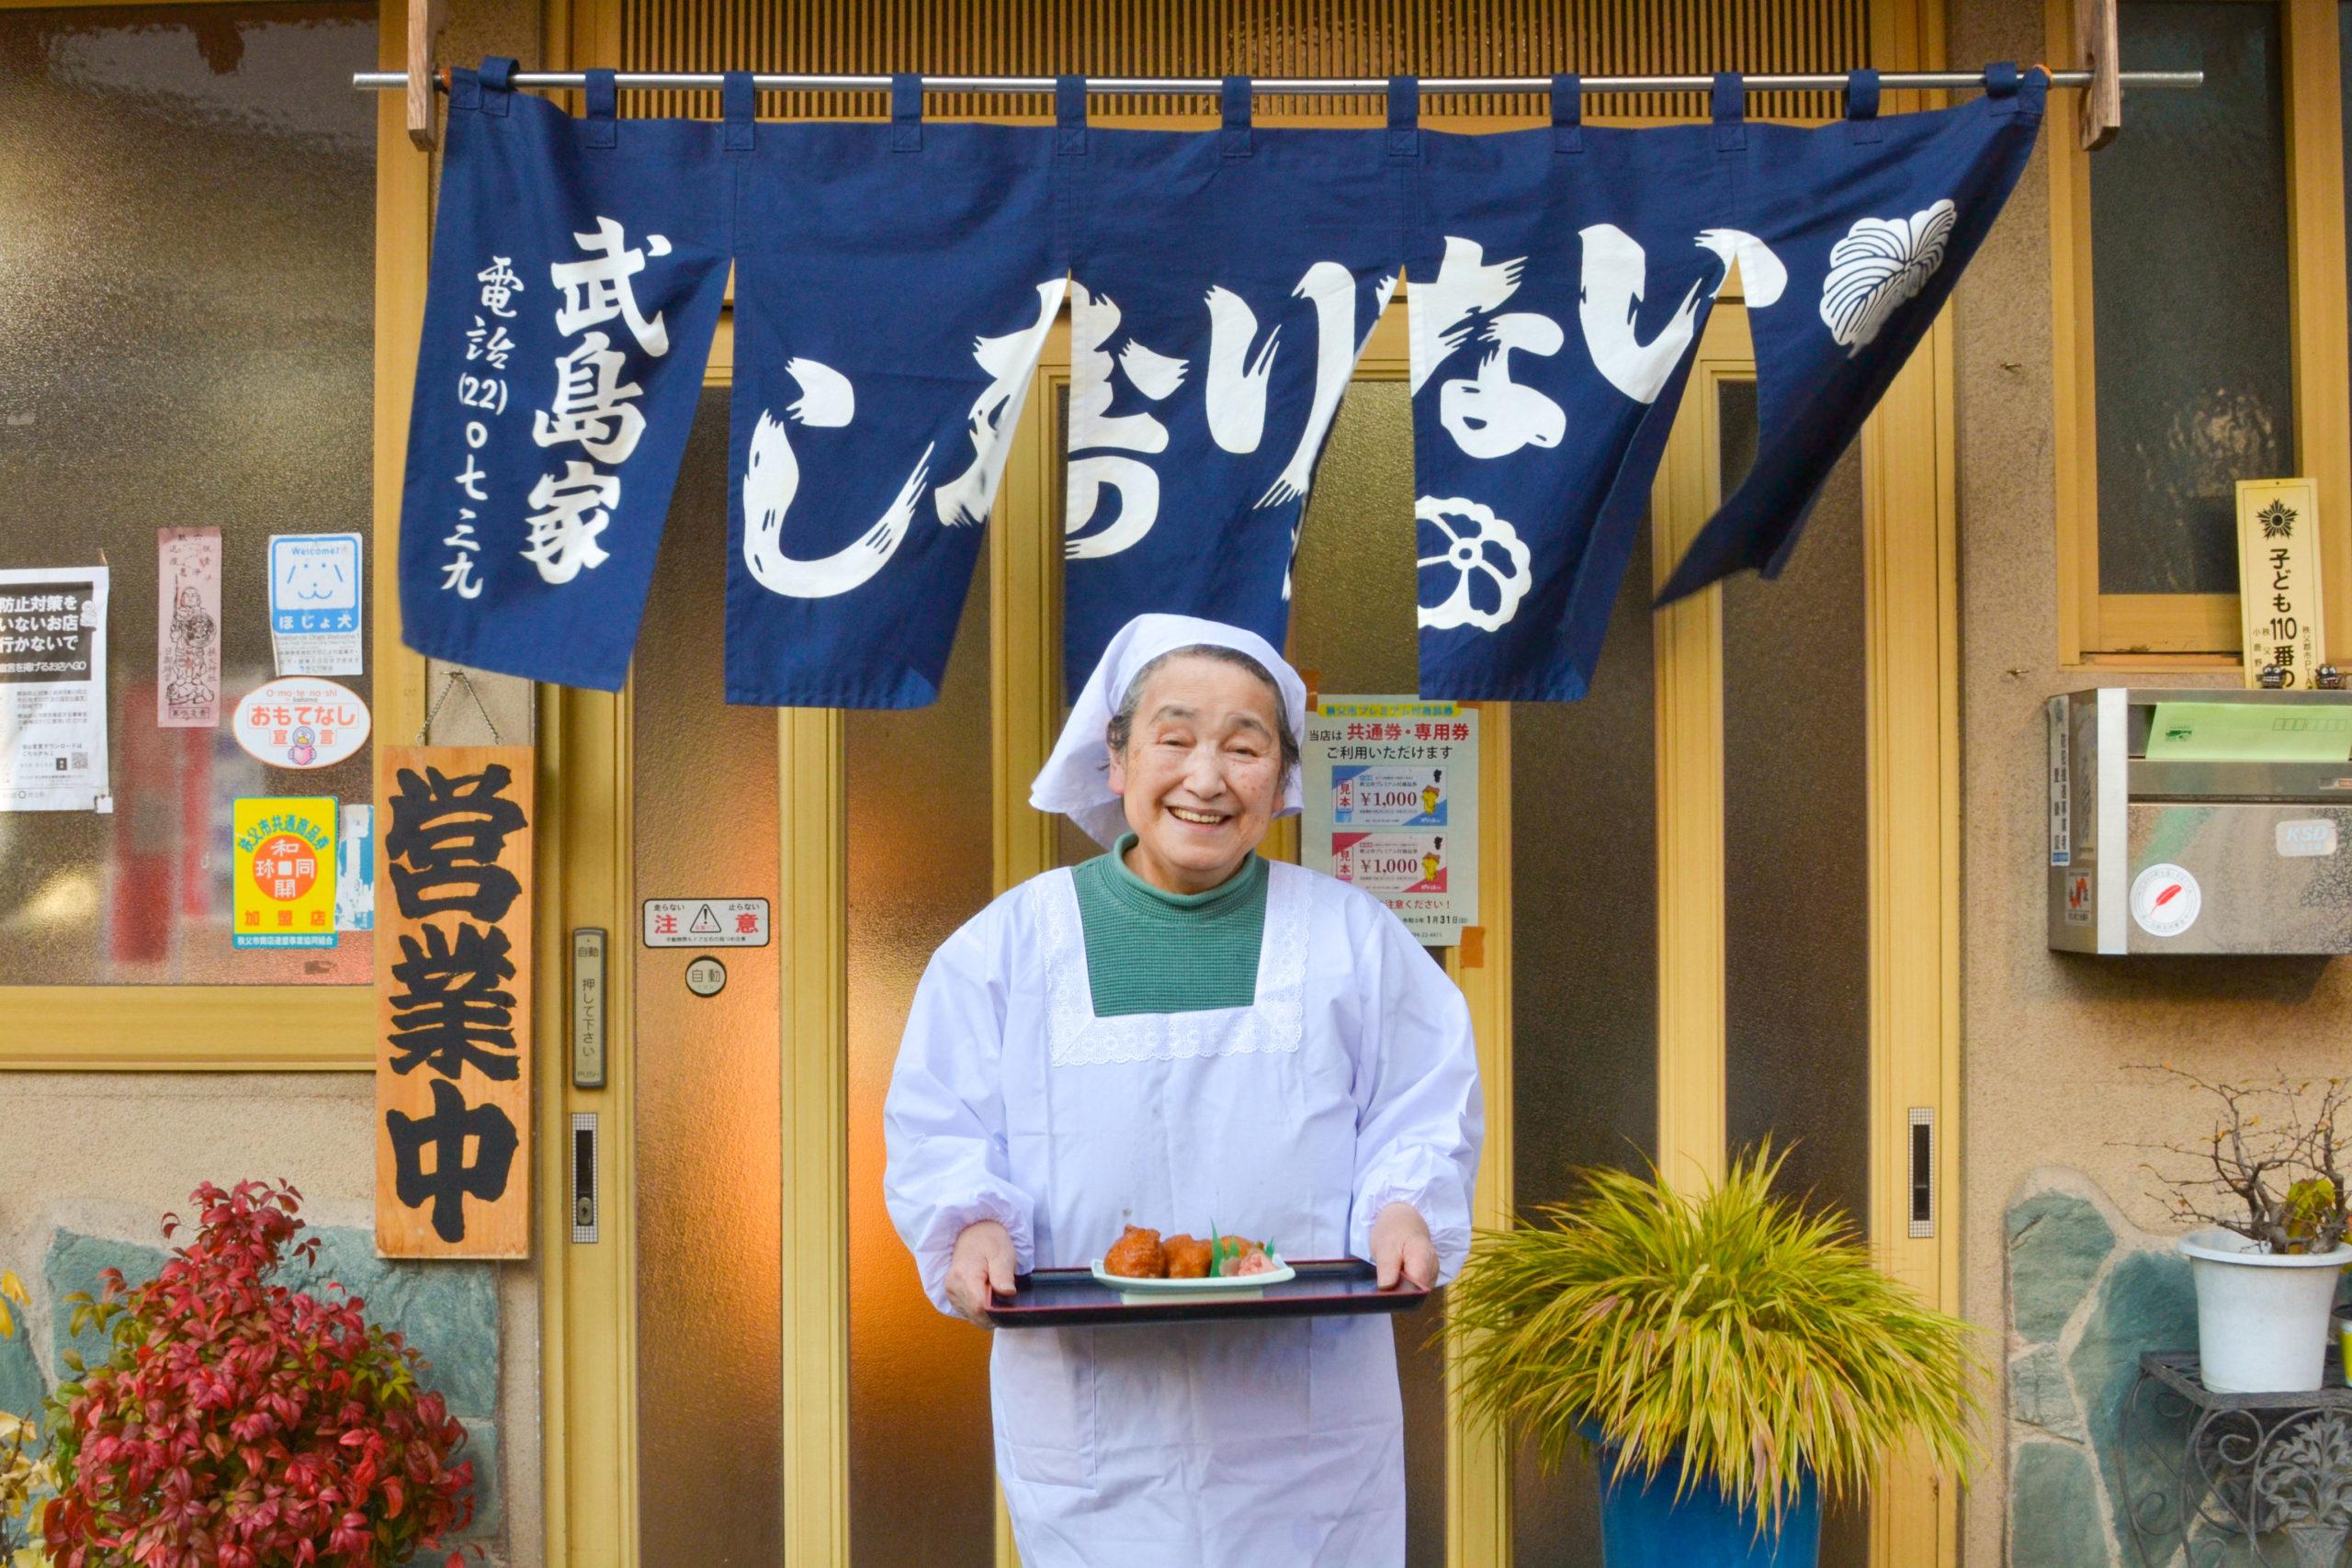 武島家 秩父 百年 いなり 美味しい